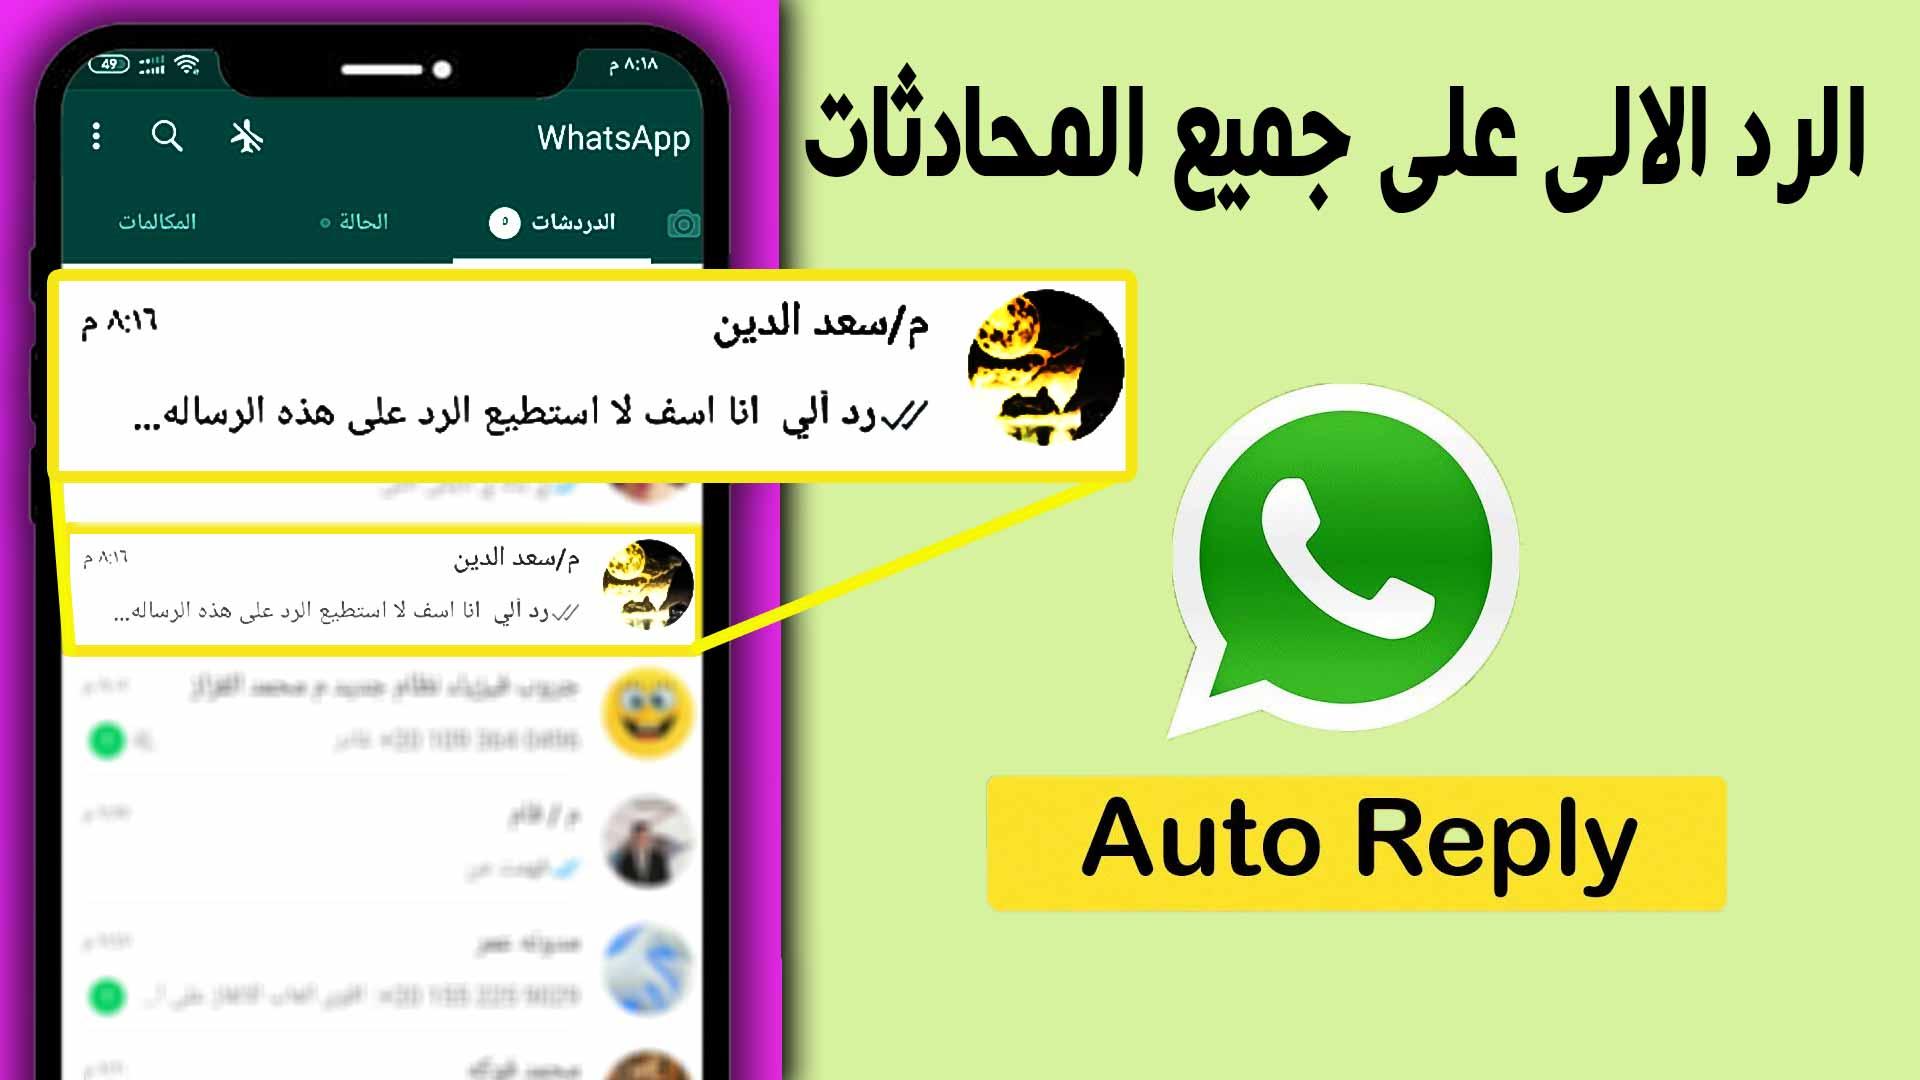 WhatsAuto الرد التلقائى على محادثات الواتس اب